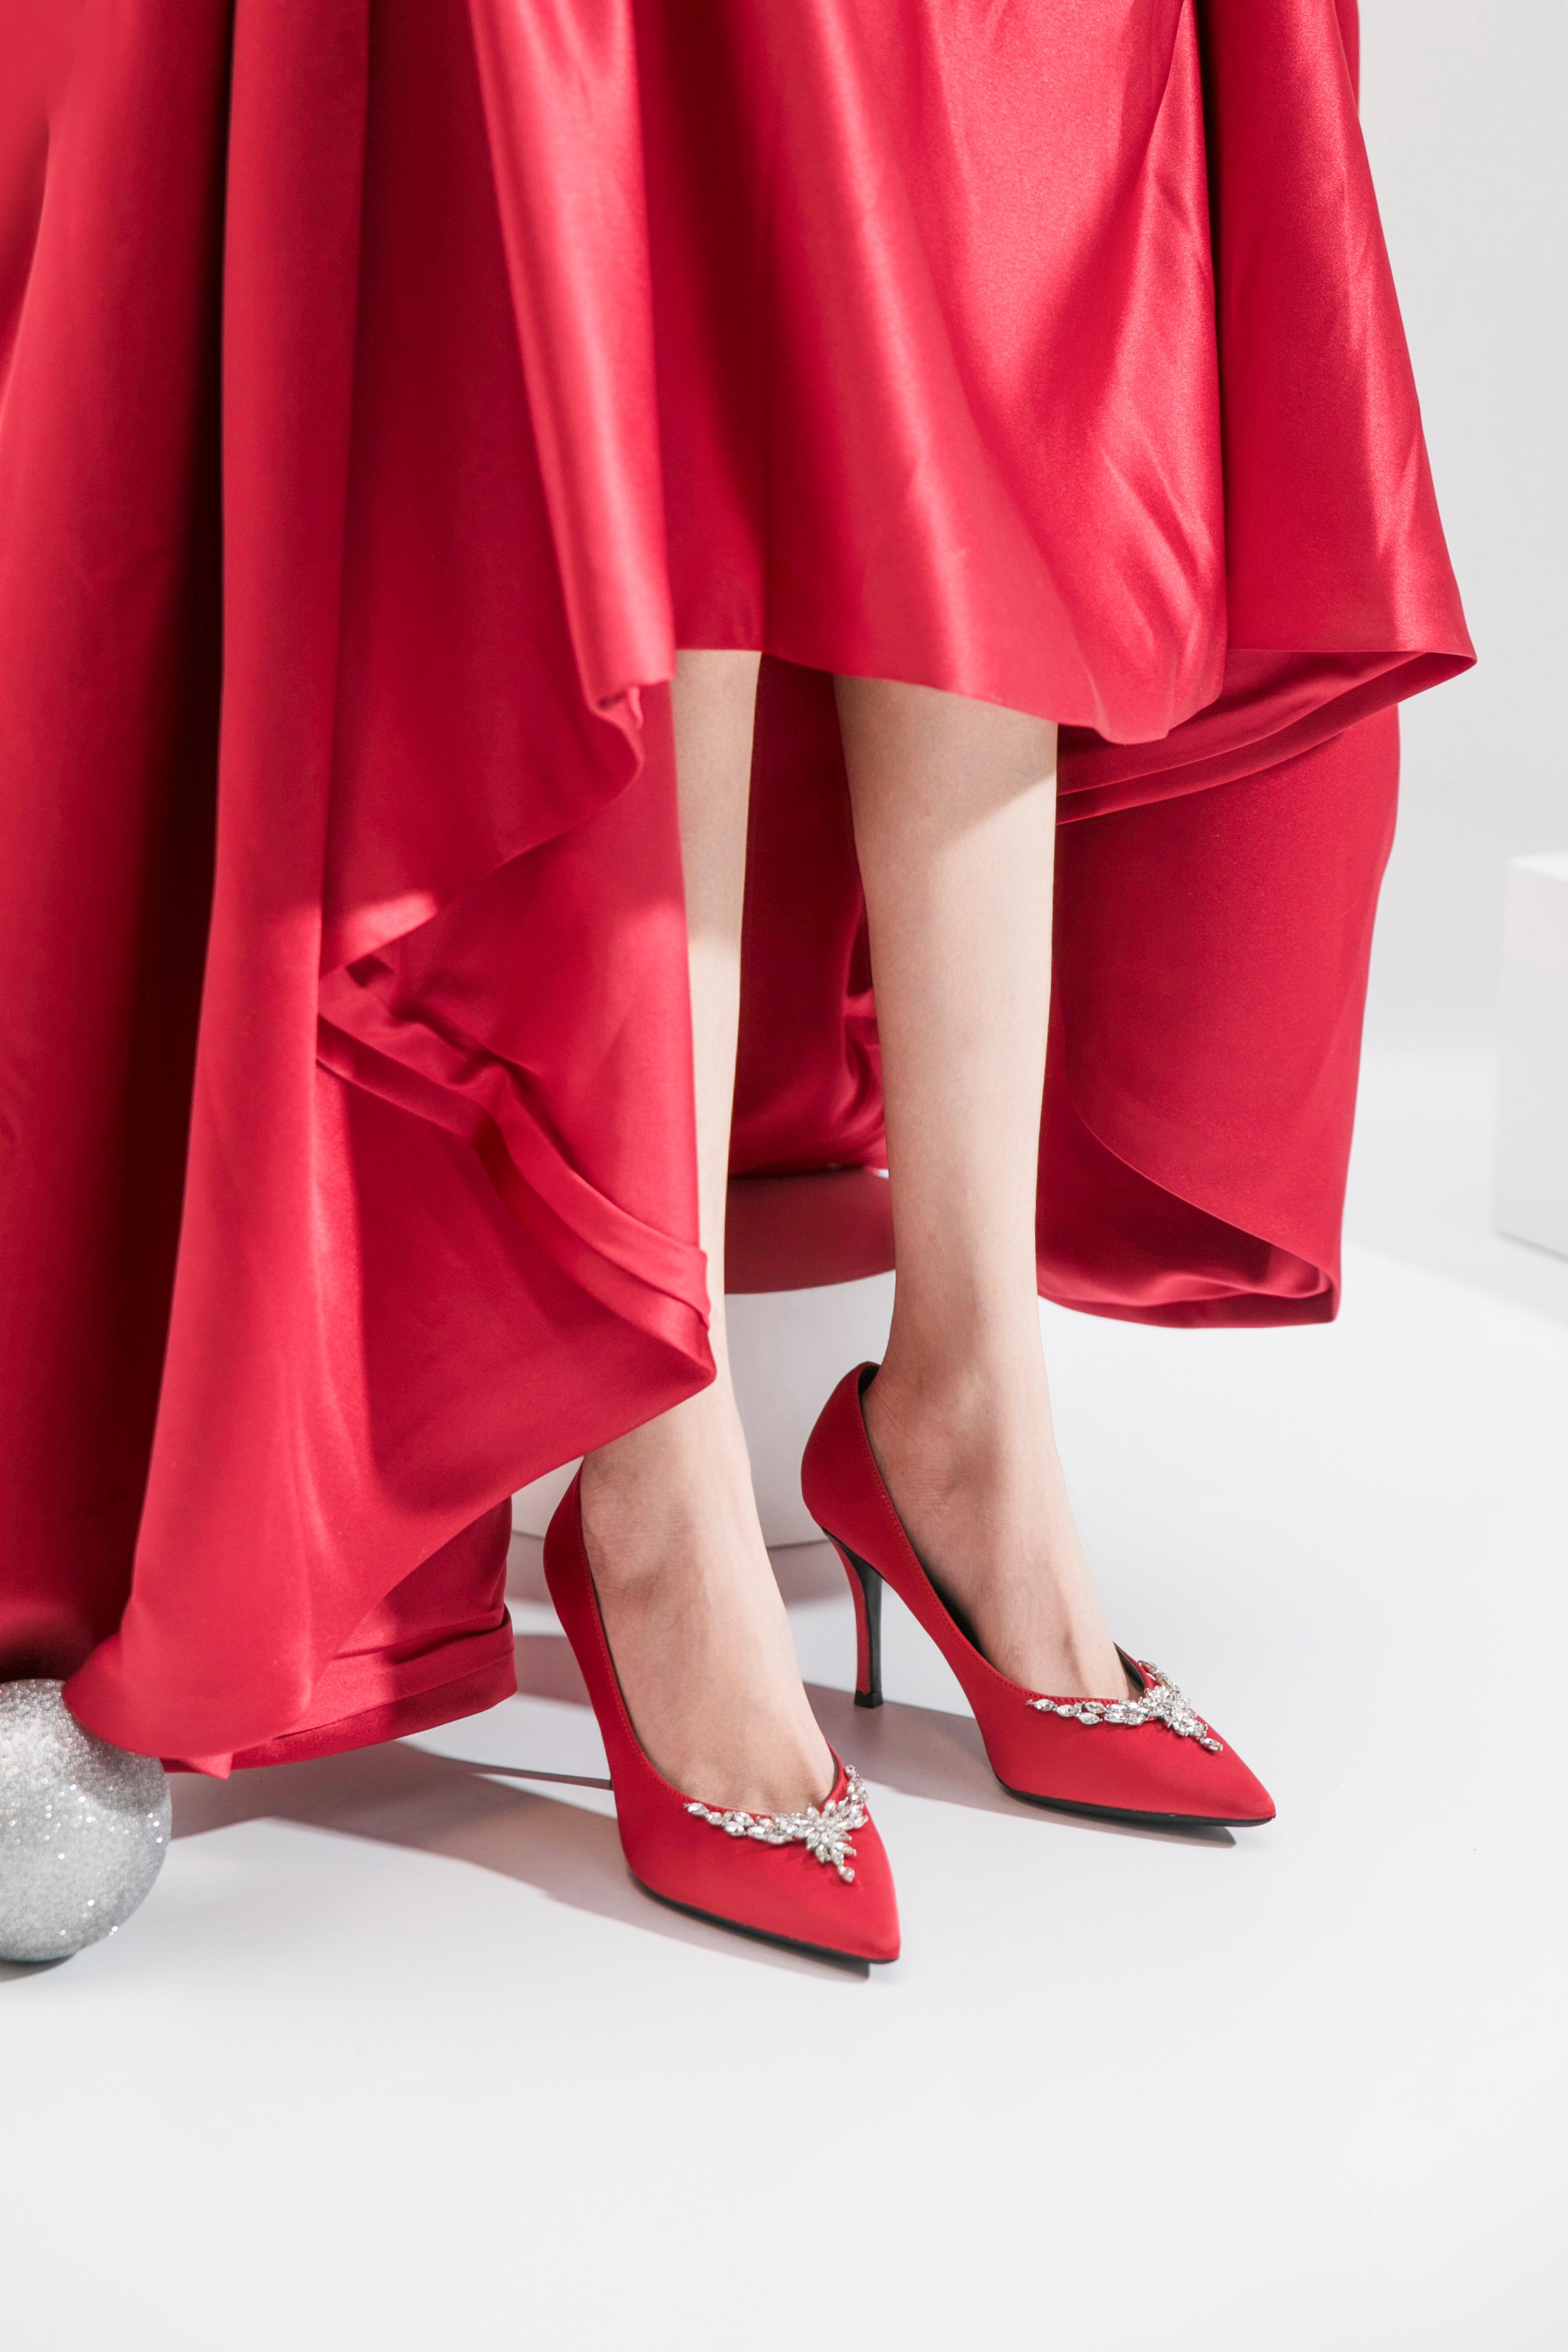 2种跟高 小v鞋口叶片水钻缎面高跟婚鞋